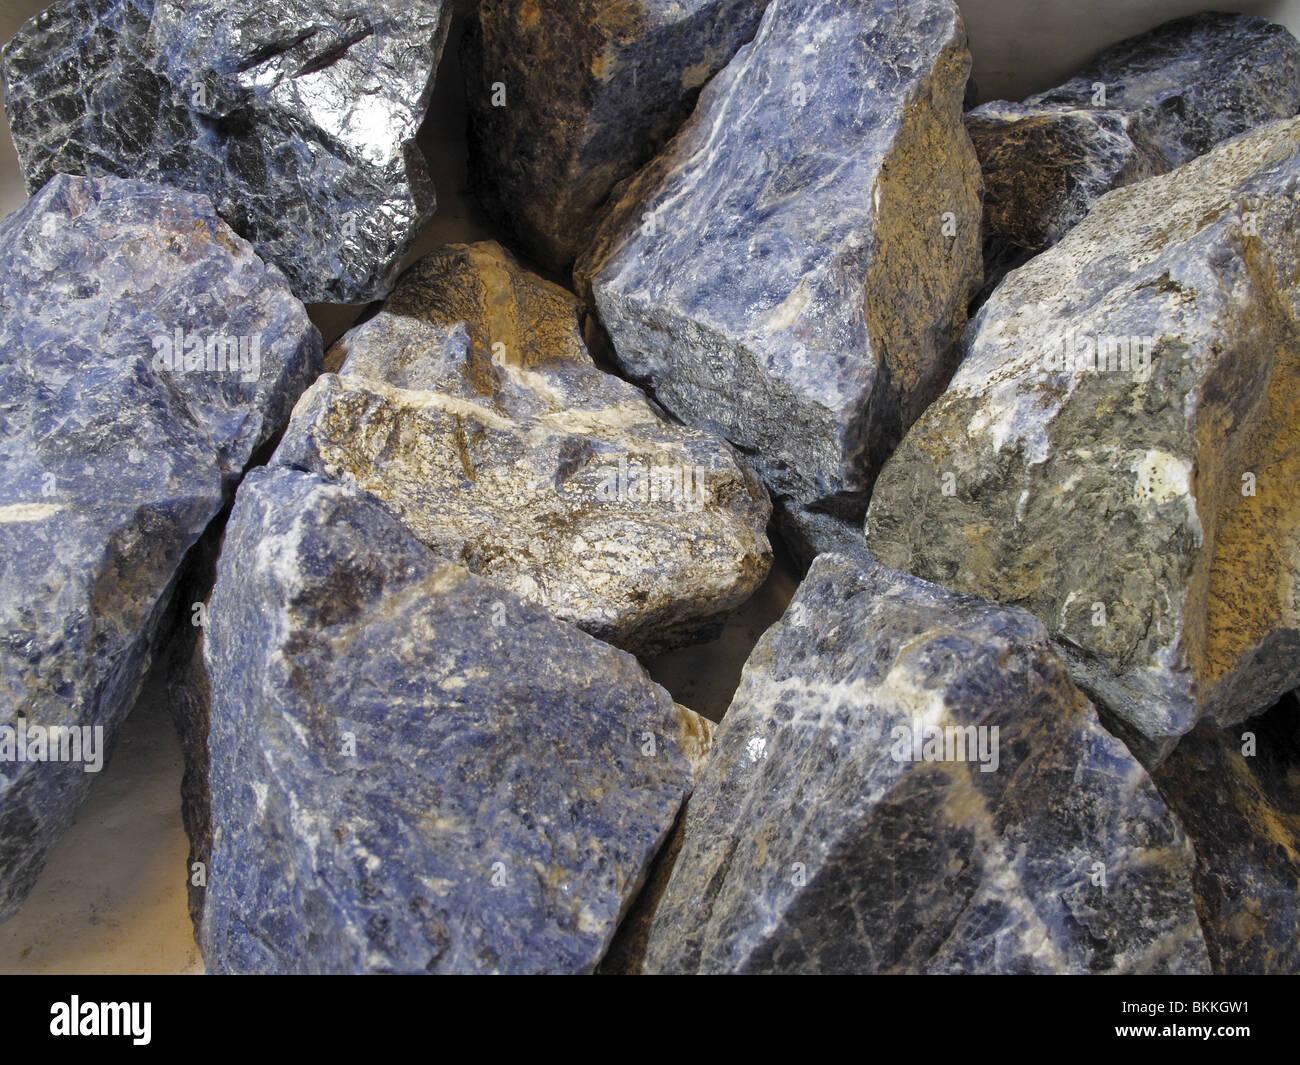 Semi Precious Gemstone Raw Stone : Collection of raw semi precious stone mineral sodalite